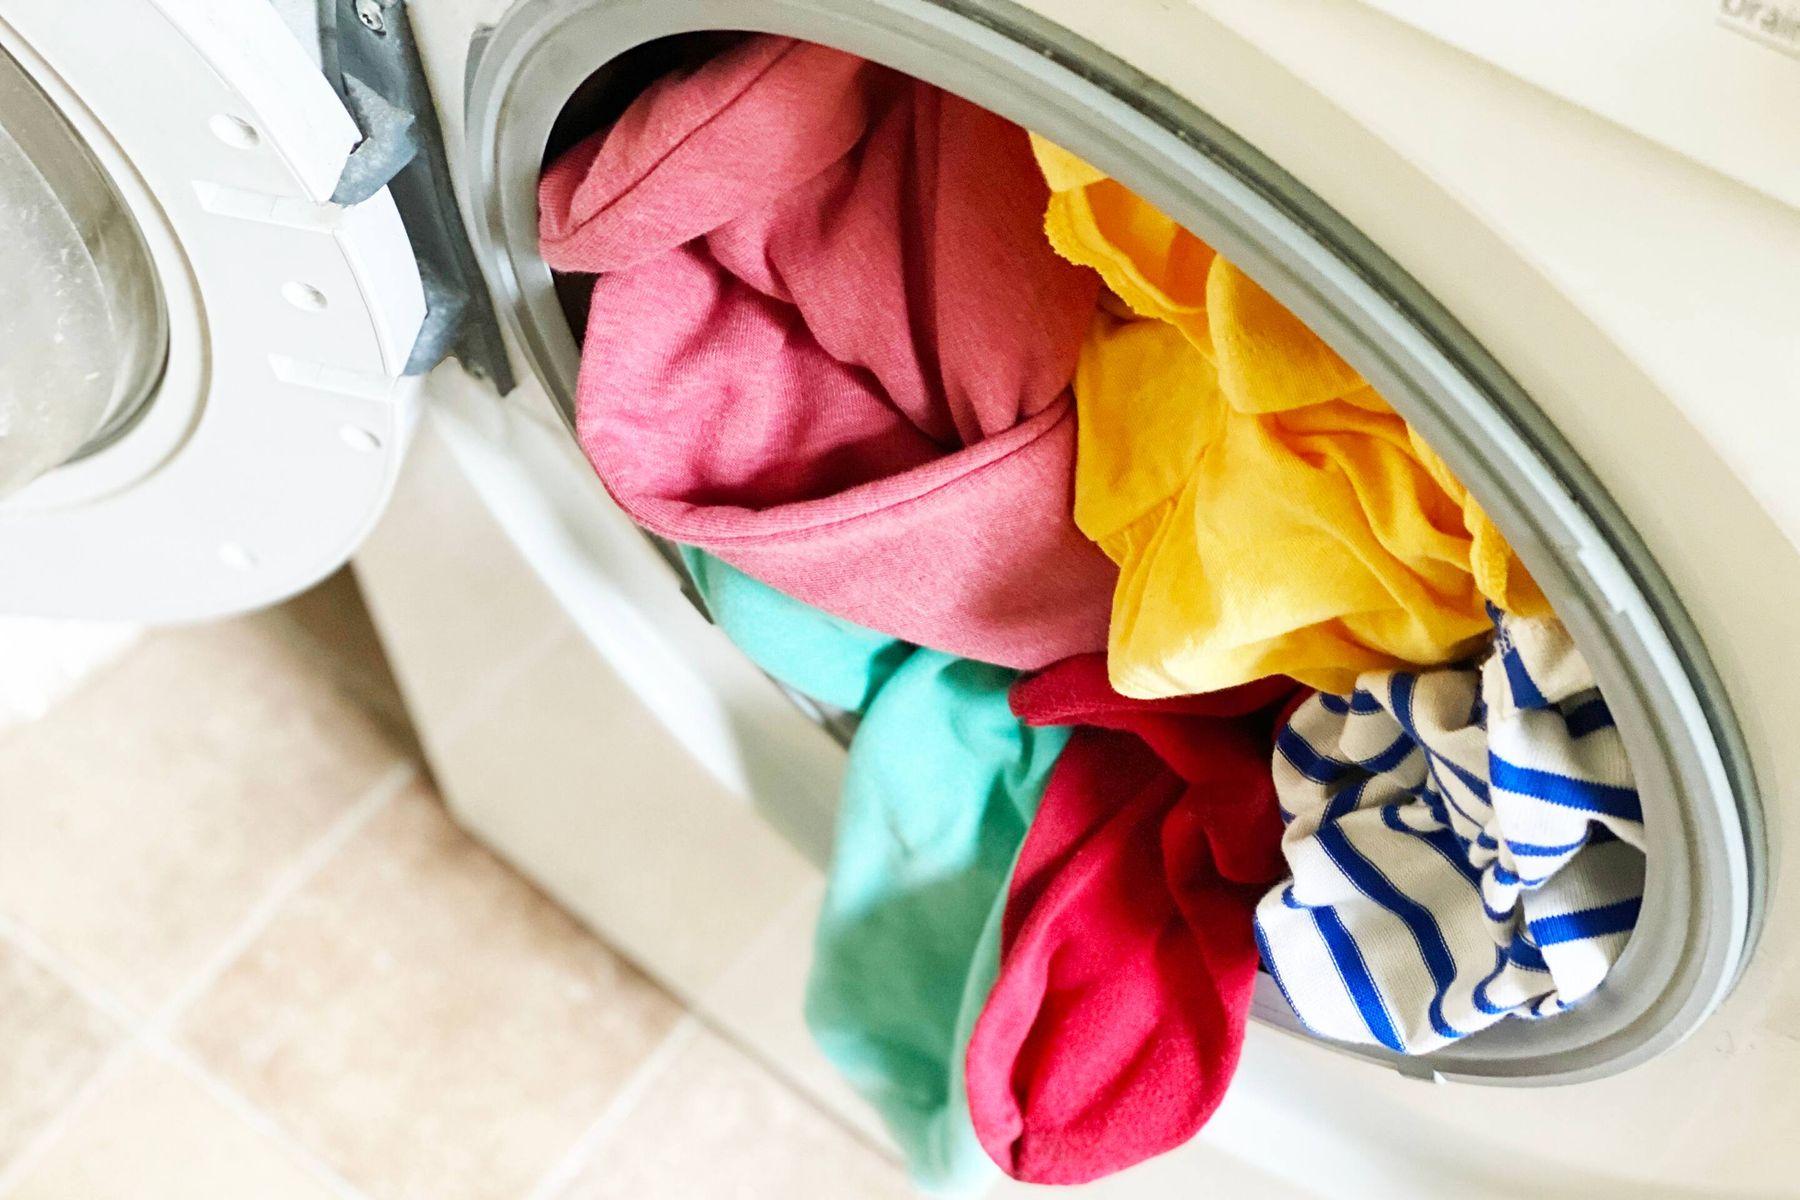 Kapağı açık çamaşır makinesinden sarkan temiz çamaşırlar